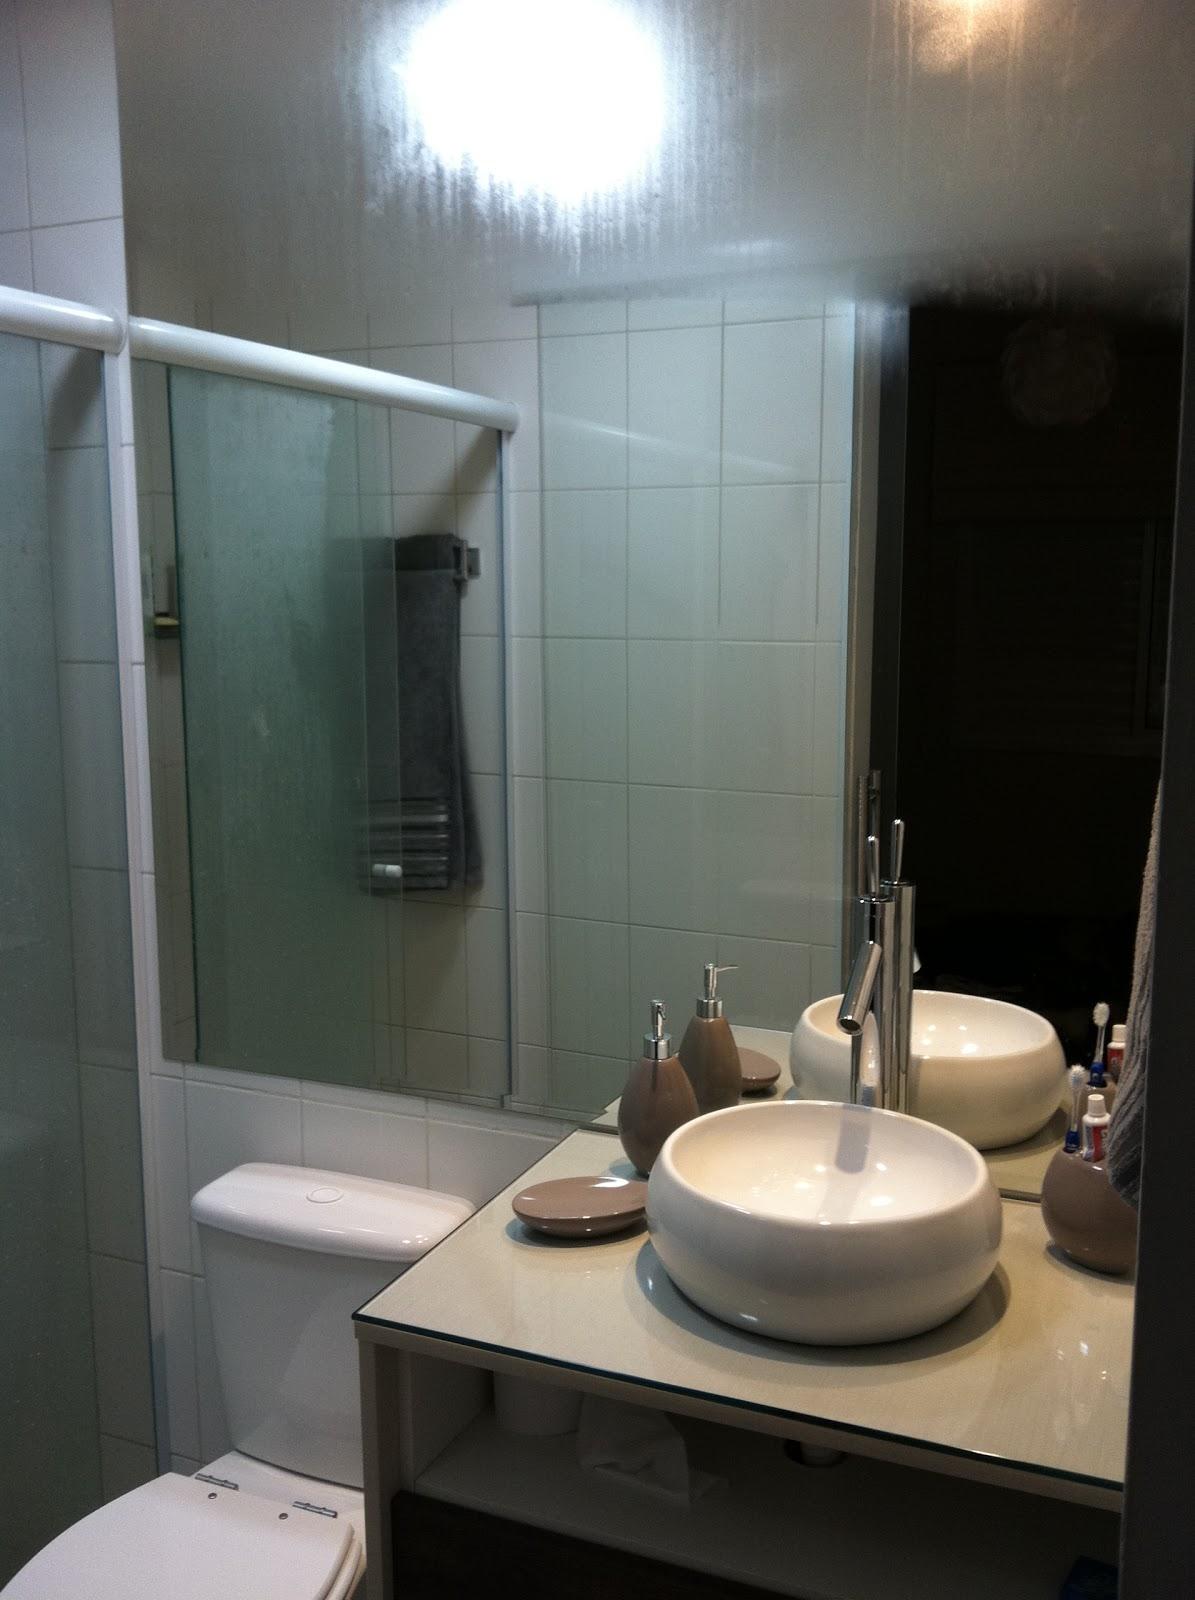 Imagens de #80694B não reparem no espelho suando acabei de dar banho e colocar o bebe  1195x1600 px 2840 Box Banheiro Lar Center